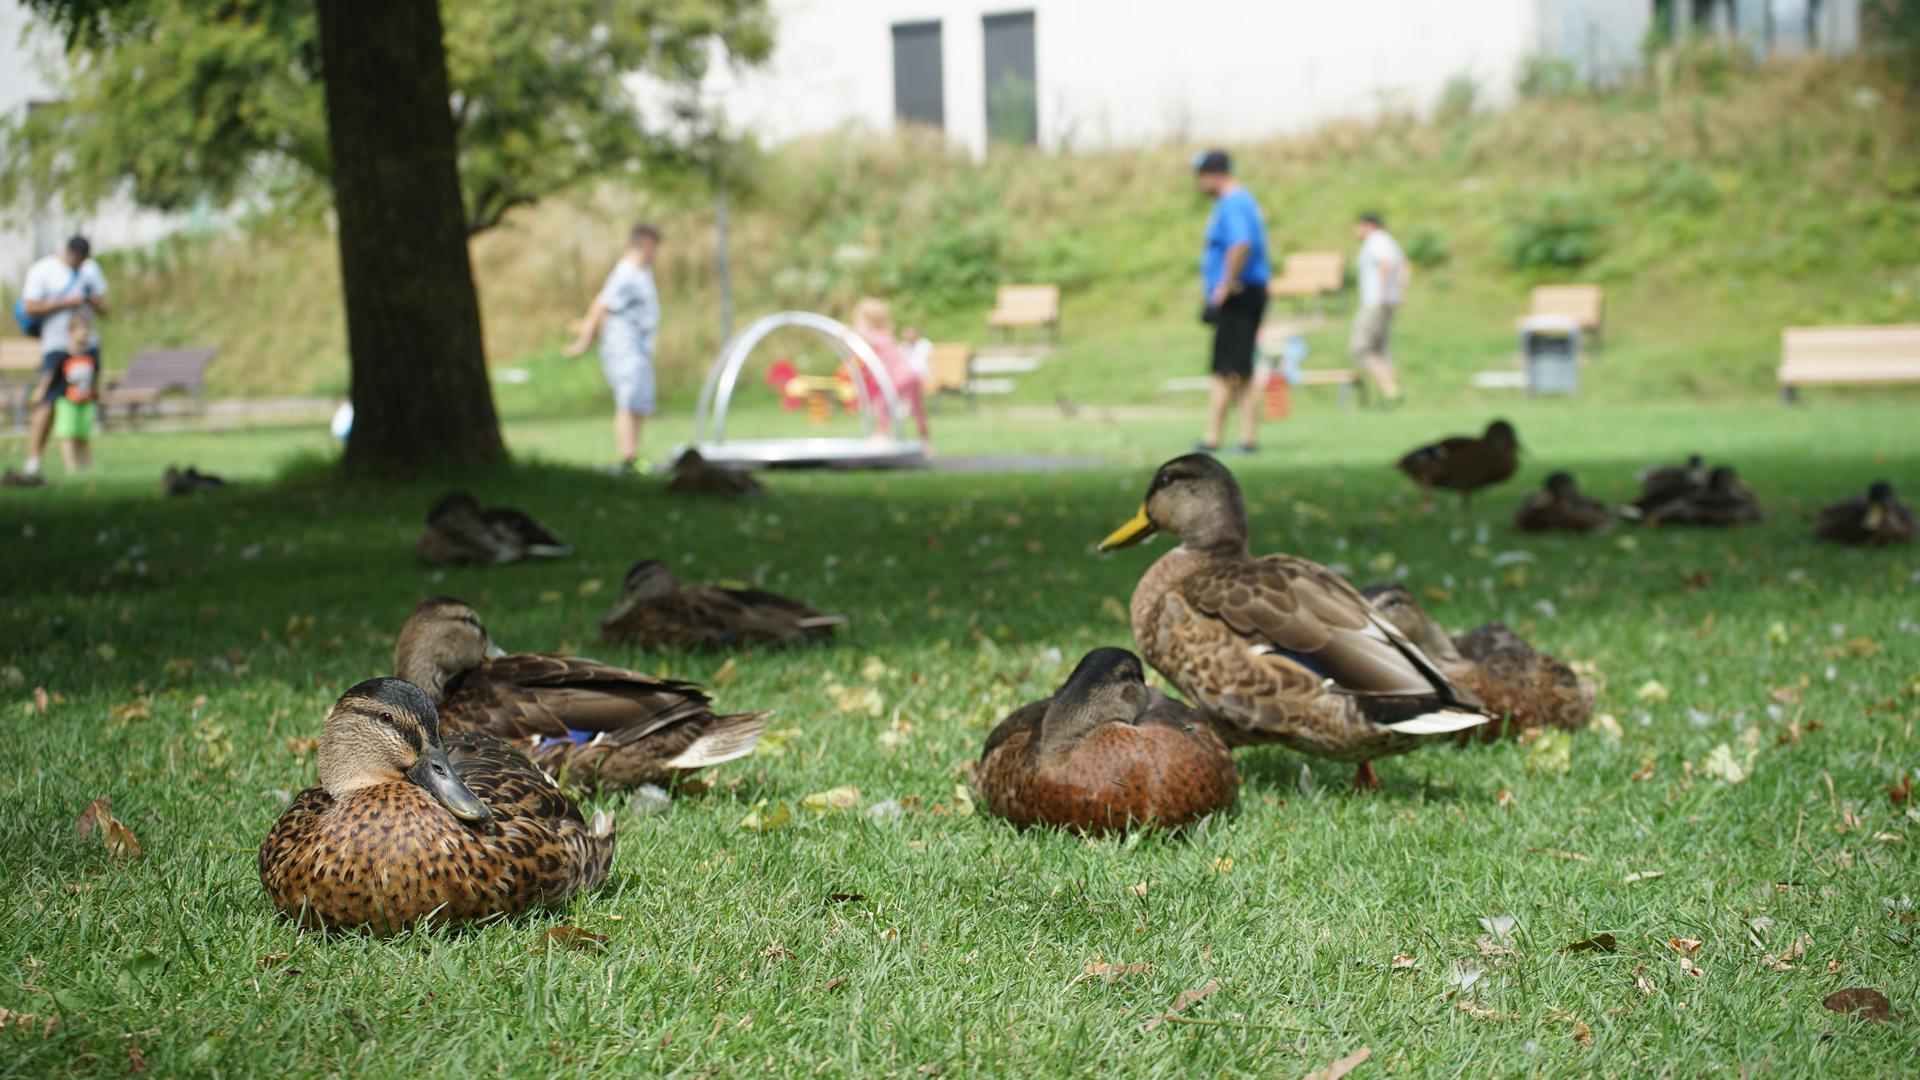 Mehrere Enten sitzen auf einer Wiese.